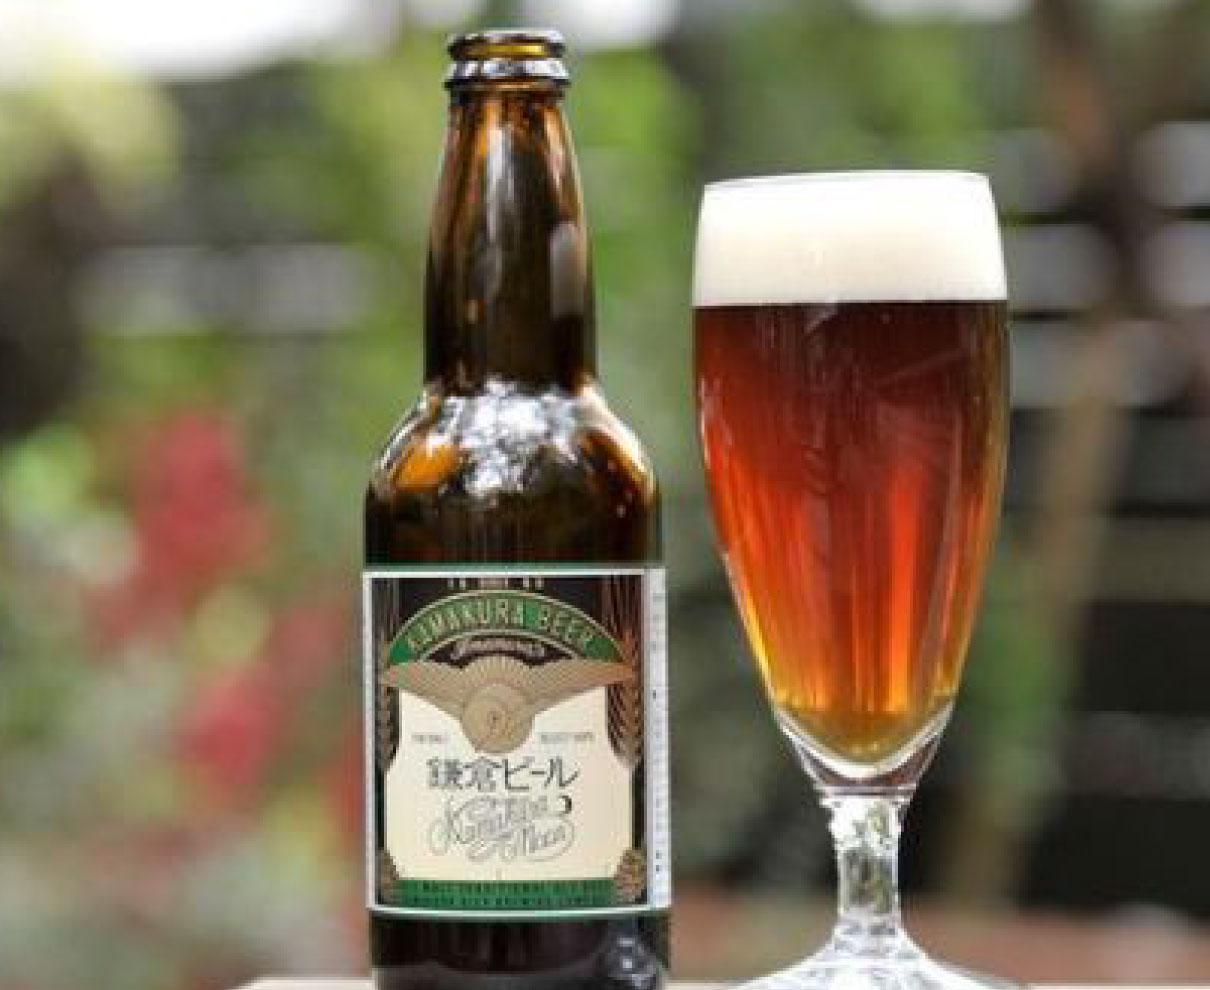 本格サーバーのできたてクラフトビールで夫婦の家飲み時間をランクアップ!|DREAM BEER(ドリーム ビア)